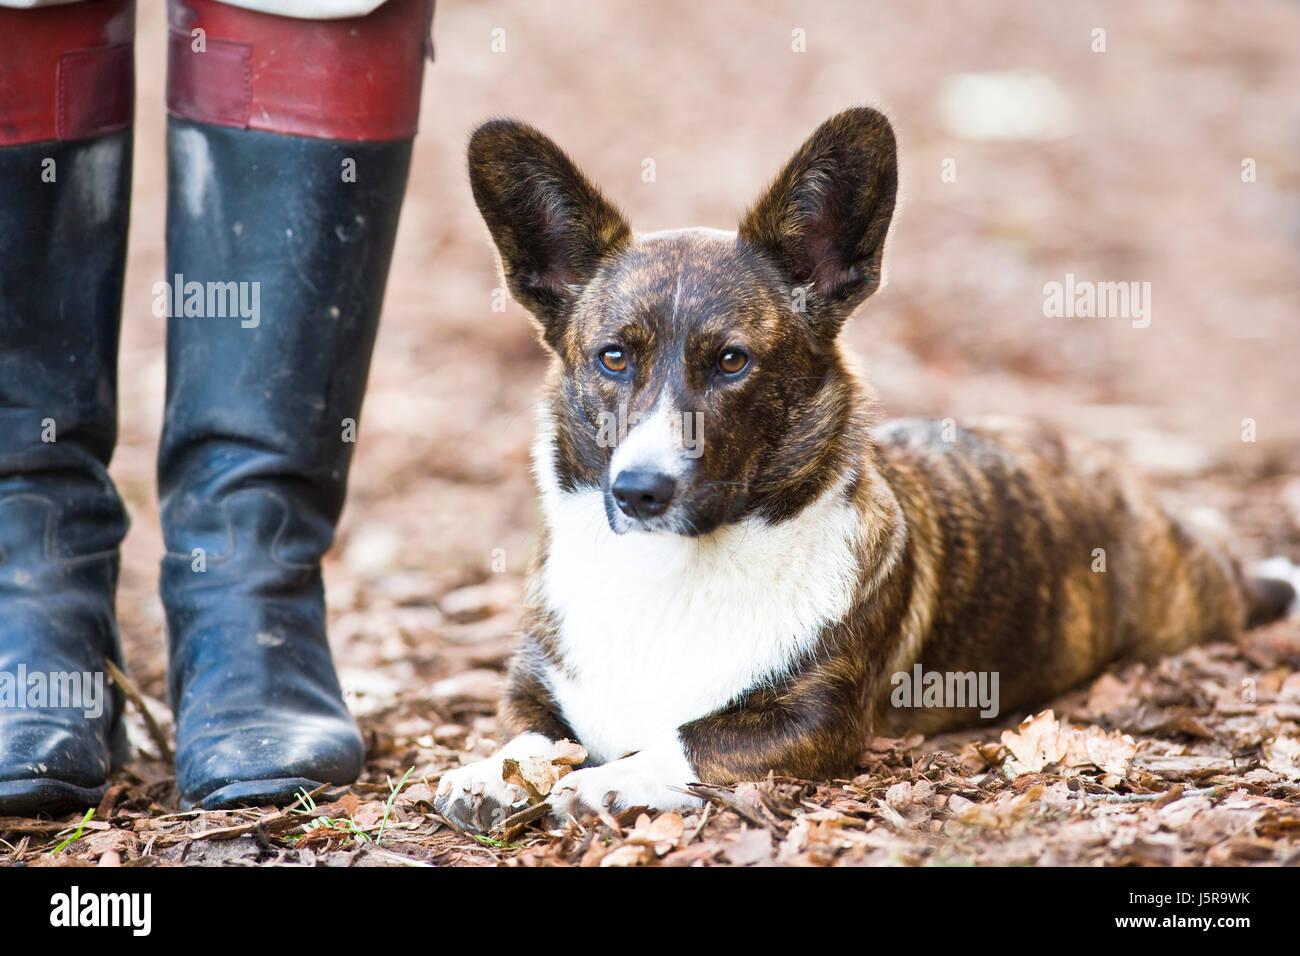 Cazador de animales inicio vertical negro vigilante swarthy jetblack deep black orejas perro Foto de stock